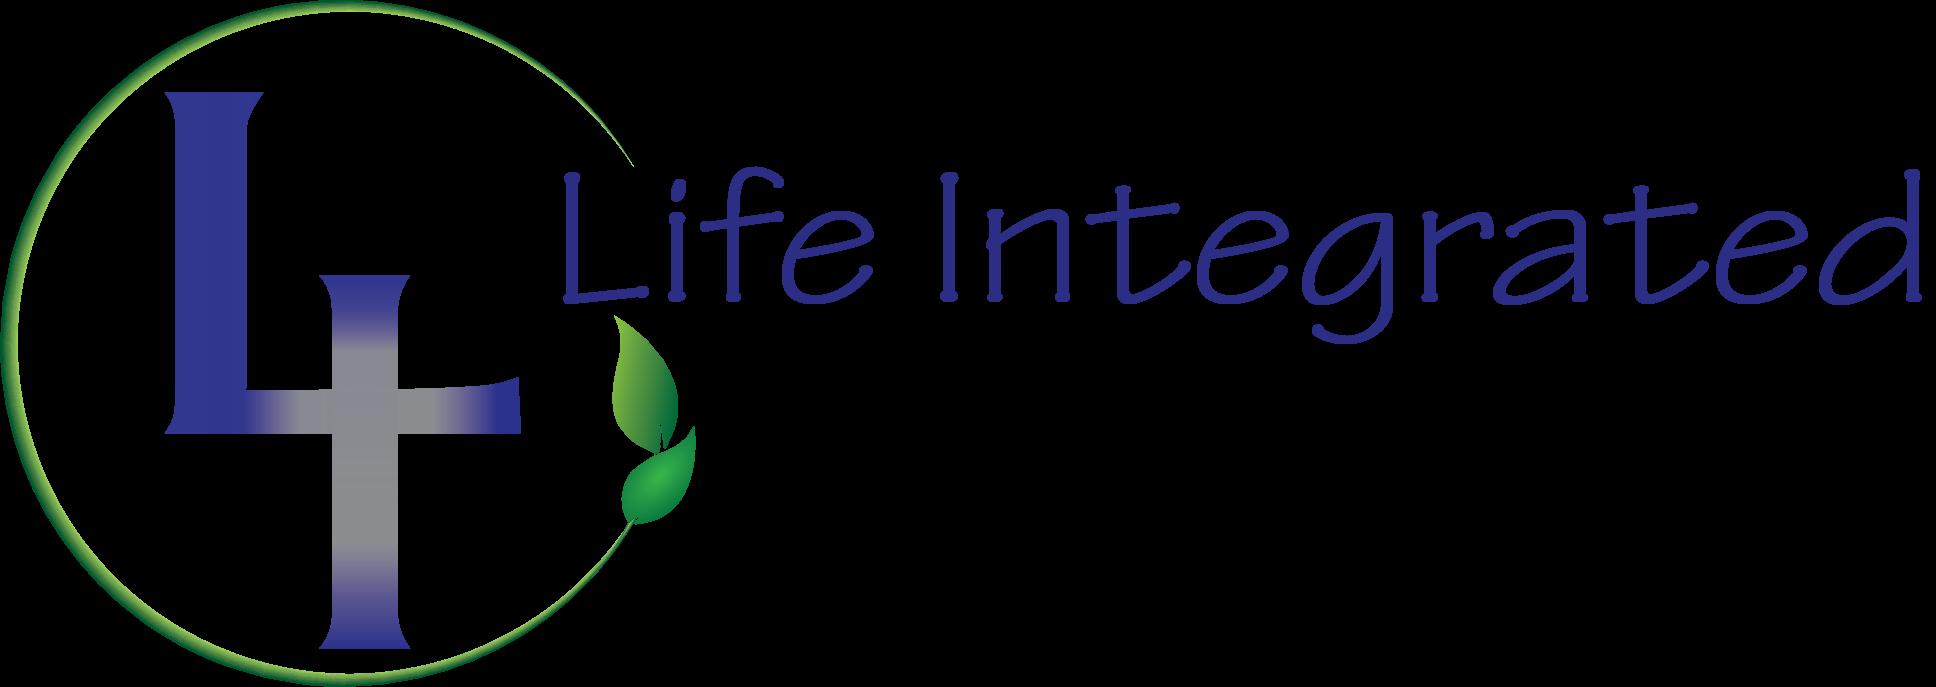 Life Integrated – Sacramento, CA